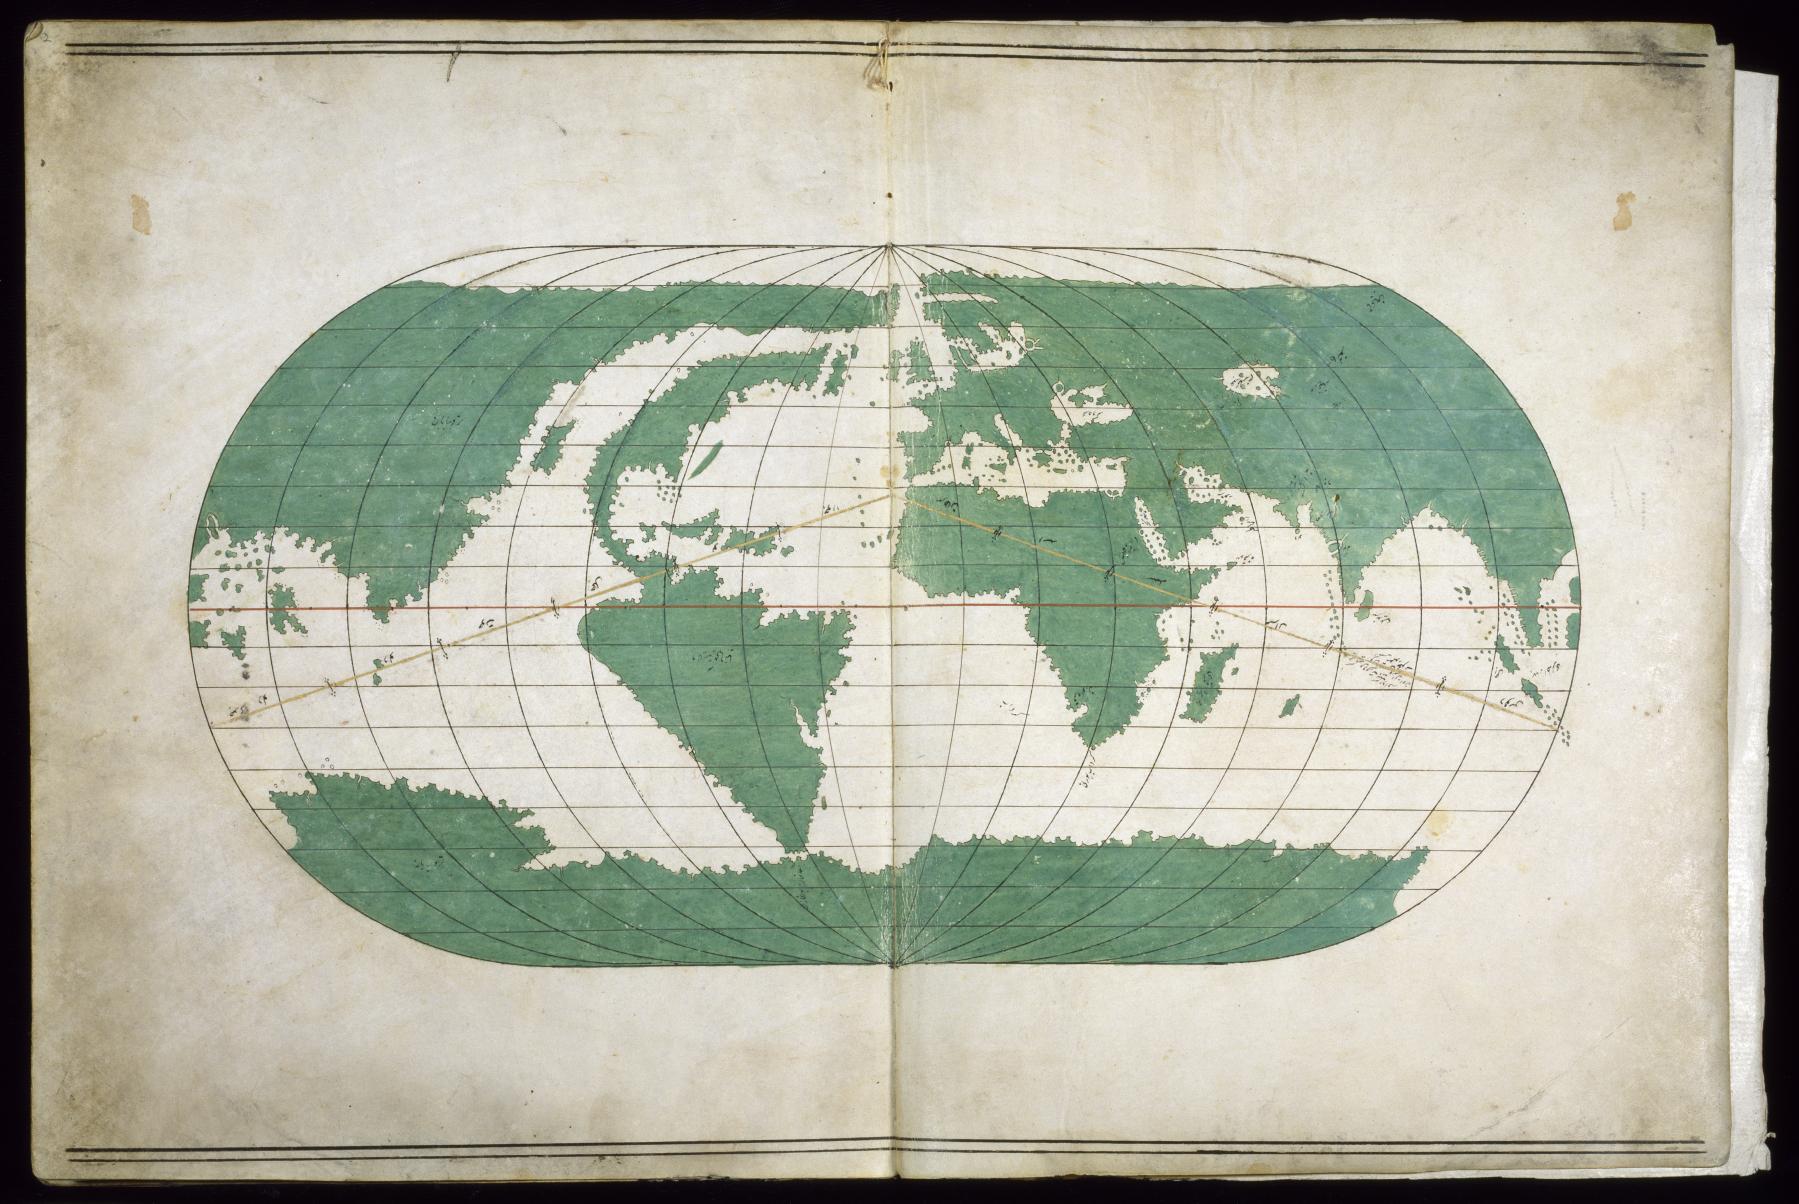 Mapa Mundi del Atlas Walters Sea